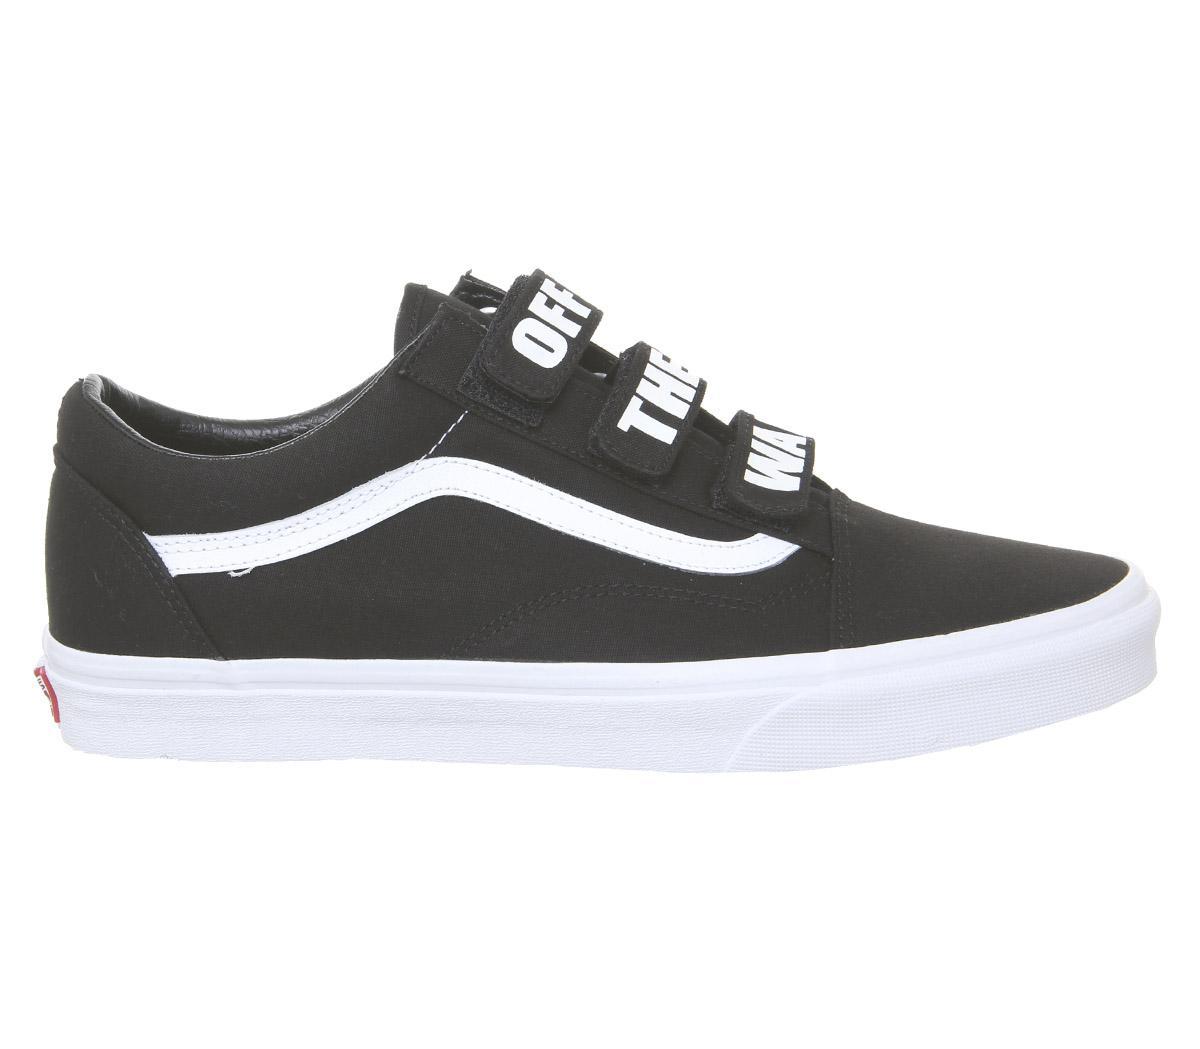 Lyst - Vans Old Skool V Trainers in Black for Men 3c09af16e